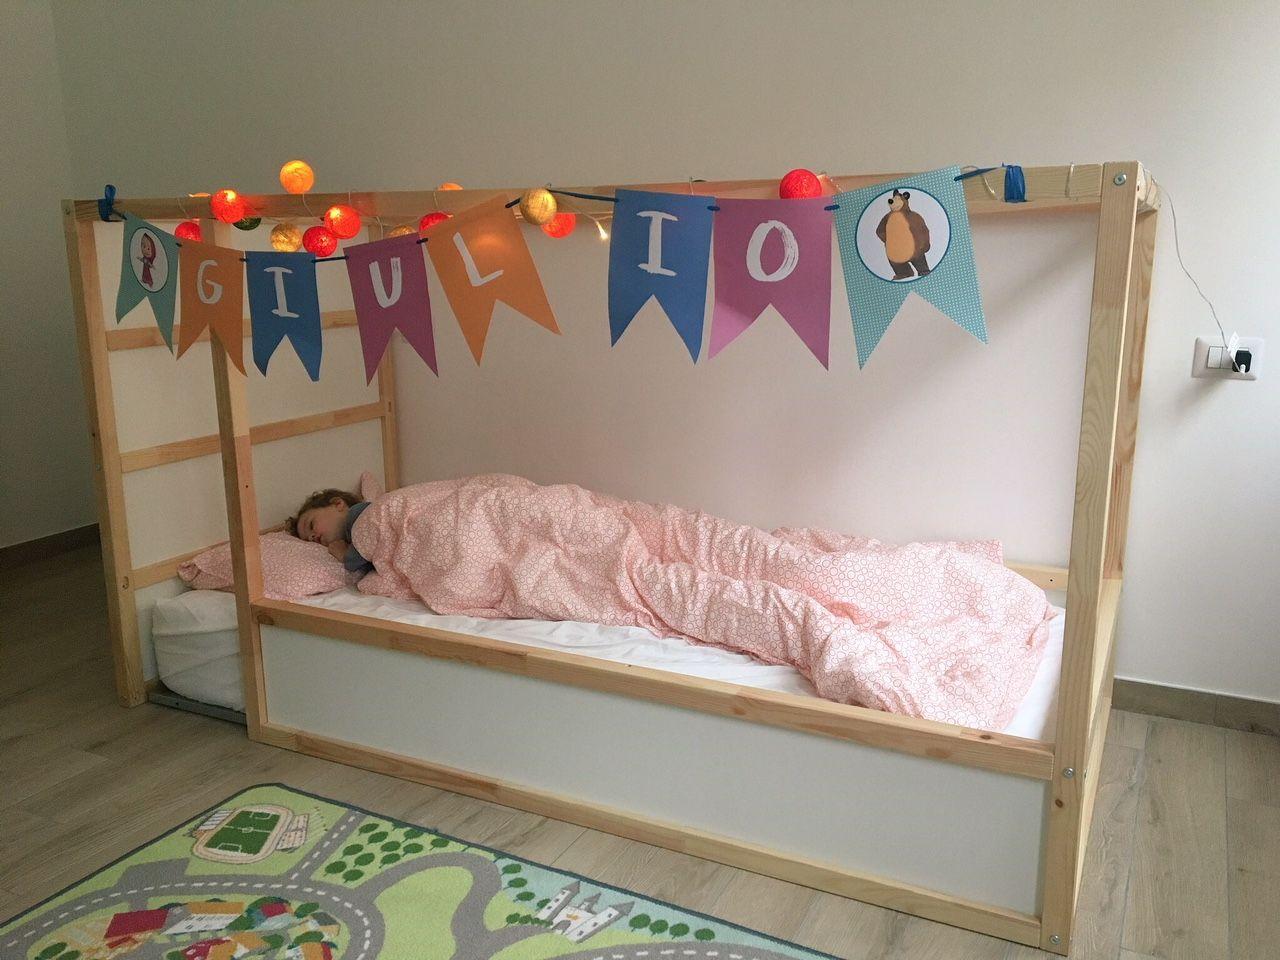 Letto Bambina Ikea.Letto Montessoriano Per Bambini Come Crearlo Con Ikea A